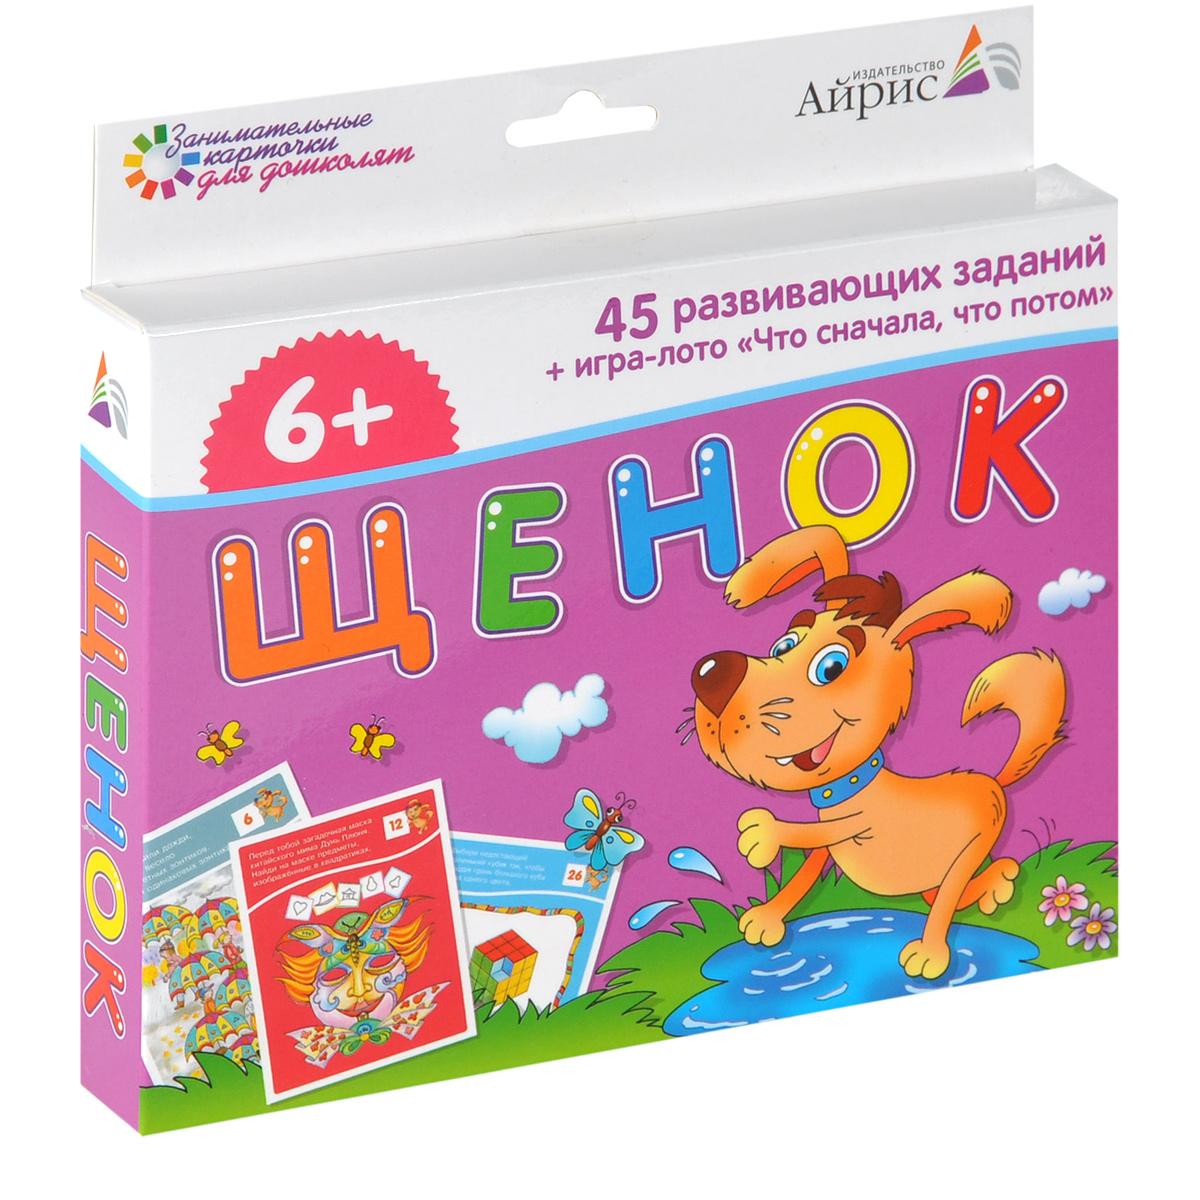 Айрис-пресс Обучающие карточки Щенок978-5-8112-5207-7Набор состоит из 48 карточек, предназначенных для занятий с детьми от 6 лет. На одной стороне карточек даны занимательные задания-головоломки. Вооружившись карандашом, ребёнок пройдёт по запутанным лабиринтам, найдёт отличия в рисунках и ошибки художника, познакомится с буквами, решит логические задачи и выполнит множество других увлекательных заданий. Такие упражнения развивают мышление, речь, воображение, тренируют память и внимание. На другой стороне карточек расположена игра Что сначала, что потом. Нужно найти четыре карточки на одну тему и разложить их в правильной временной последовательности. На отдельном листе-вкладыше даны ответы, по которым родители смогут проверить, правильно ли выполнено задание. Благодаря компактной упаковке карточки удобно брать в дорогу или на отдых. Ребёнок всегда будет с удовольствием заниматься по ним.